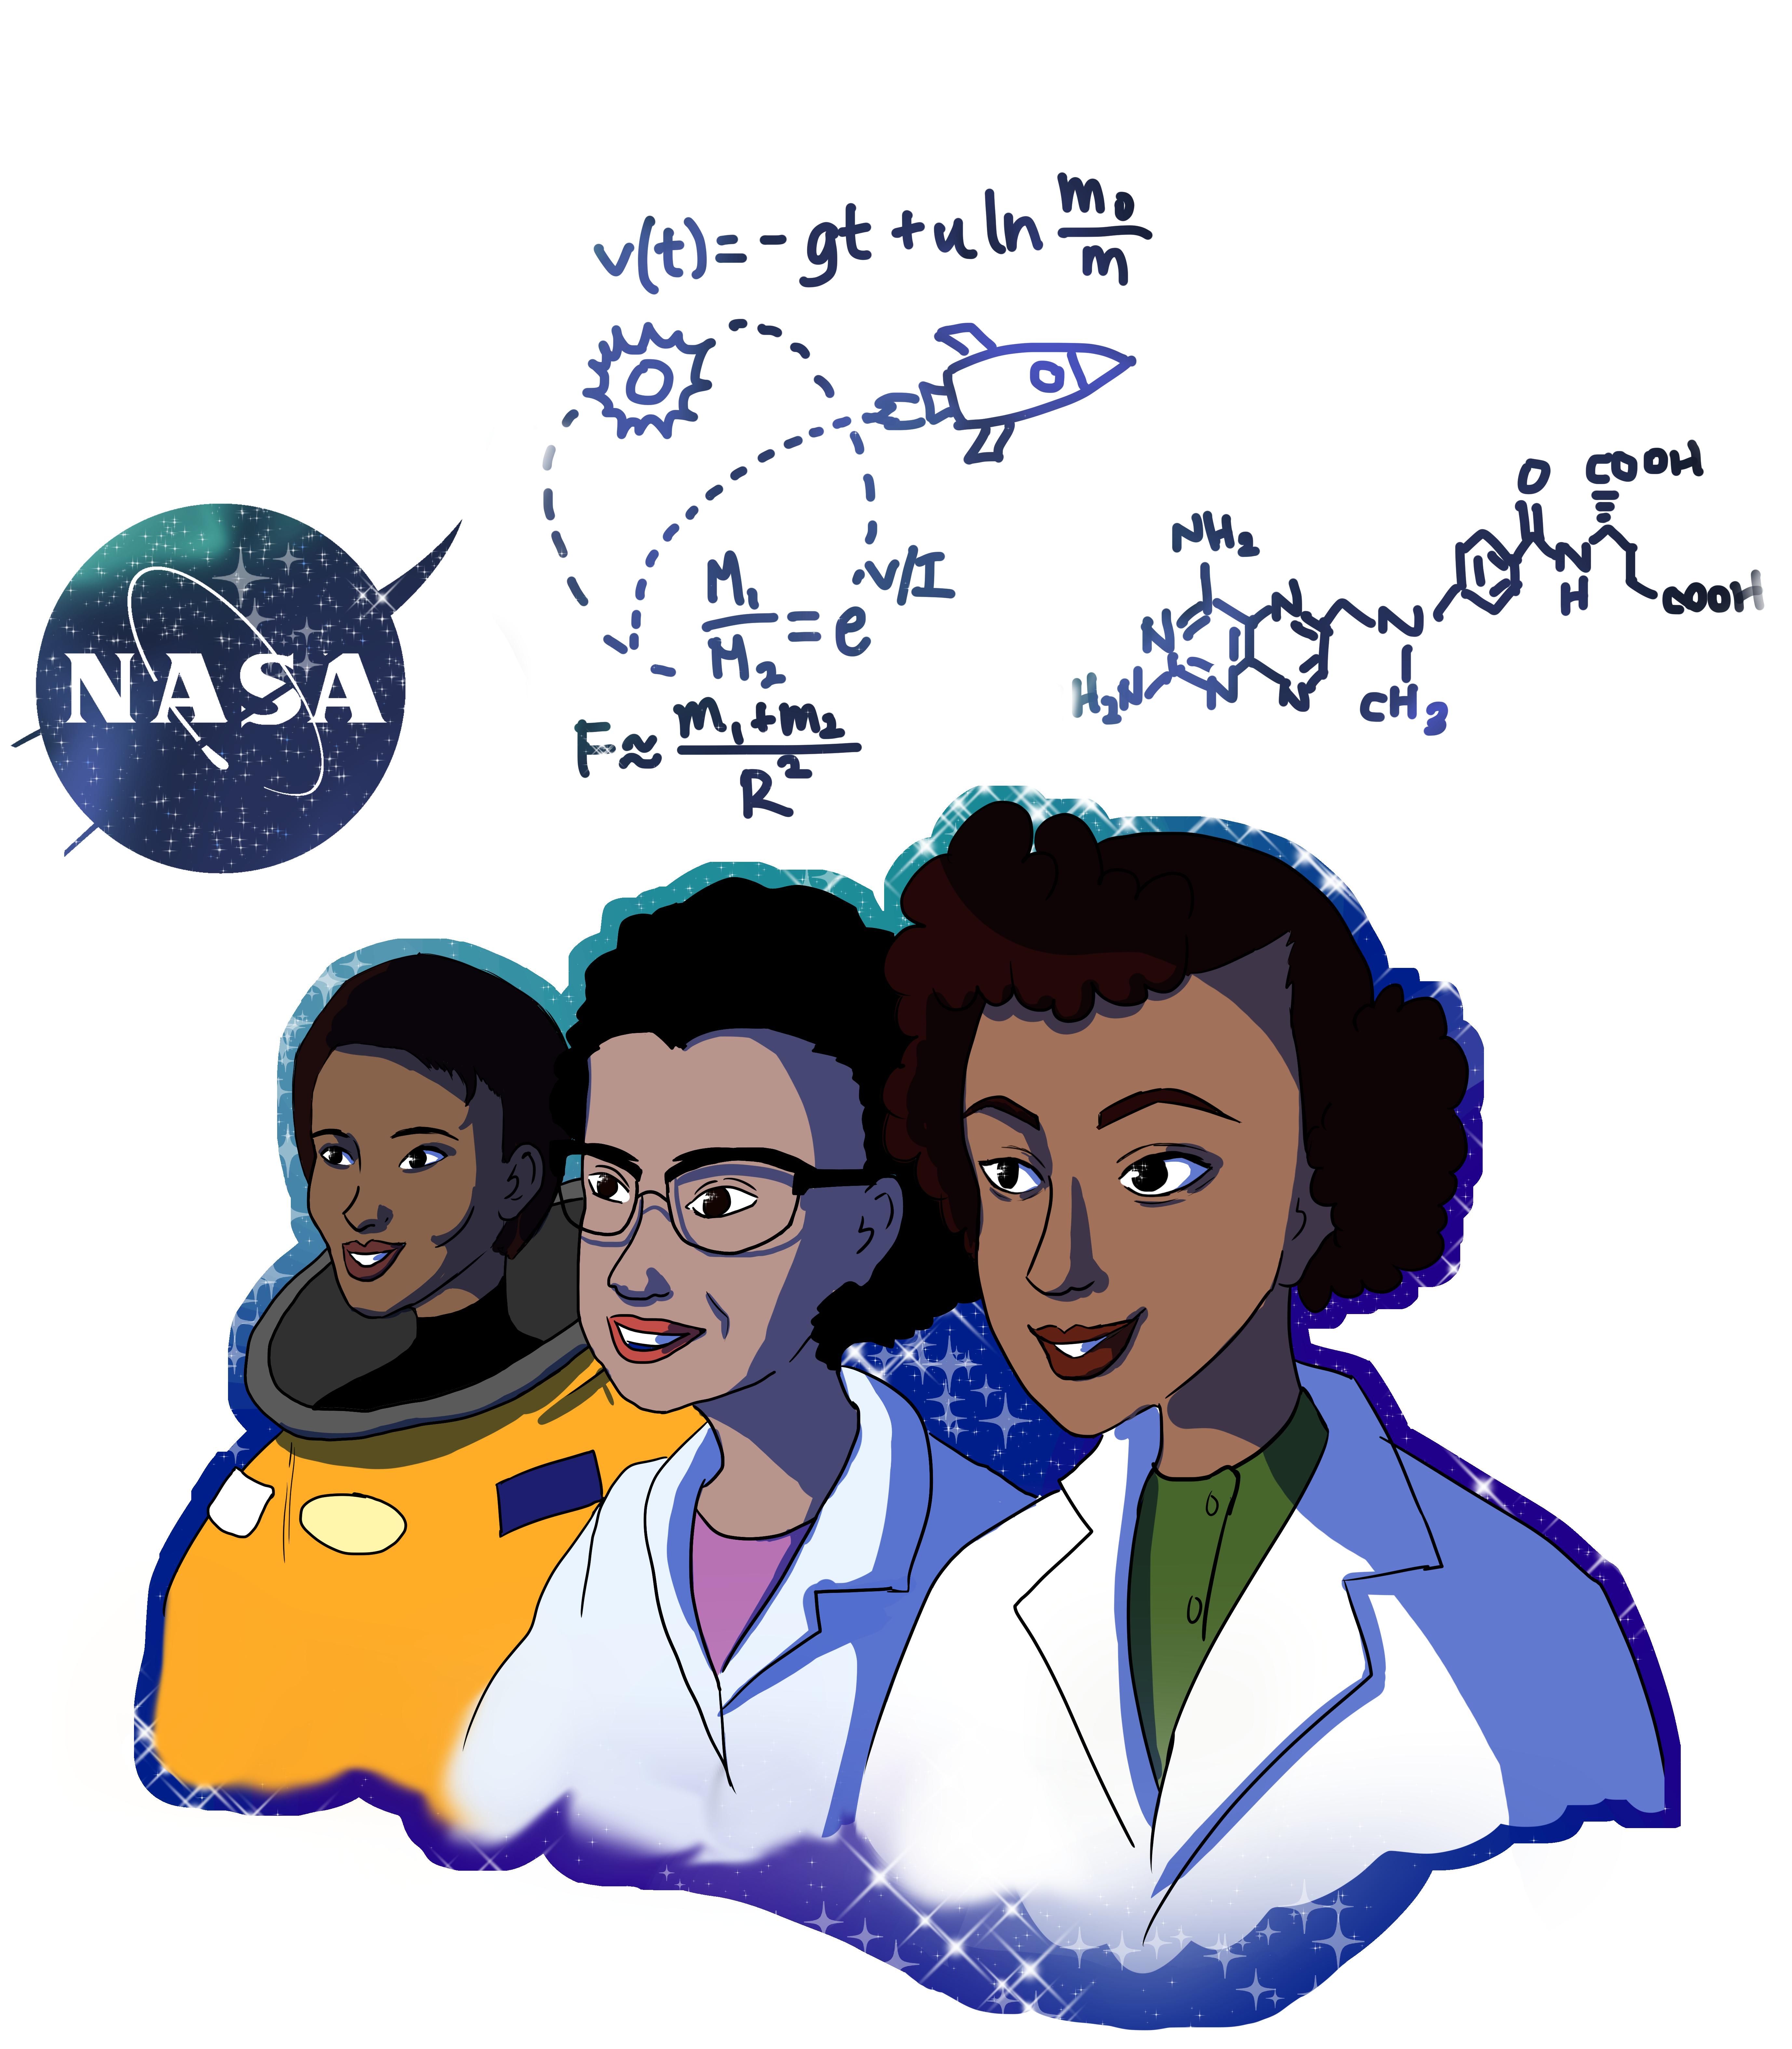 Recognizing important black females in STEM